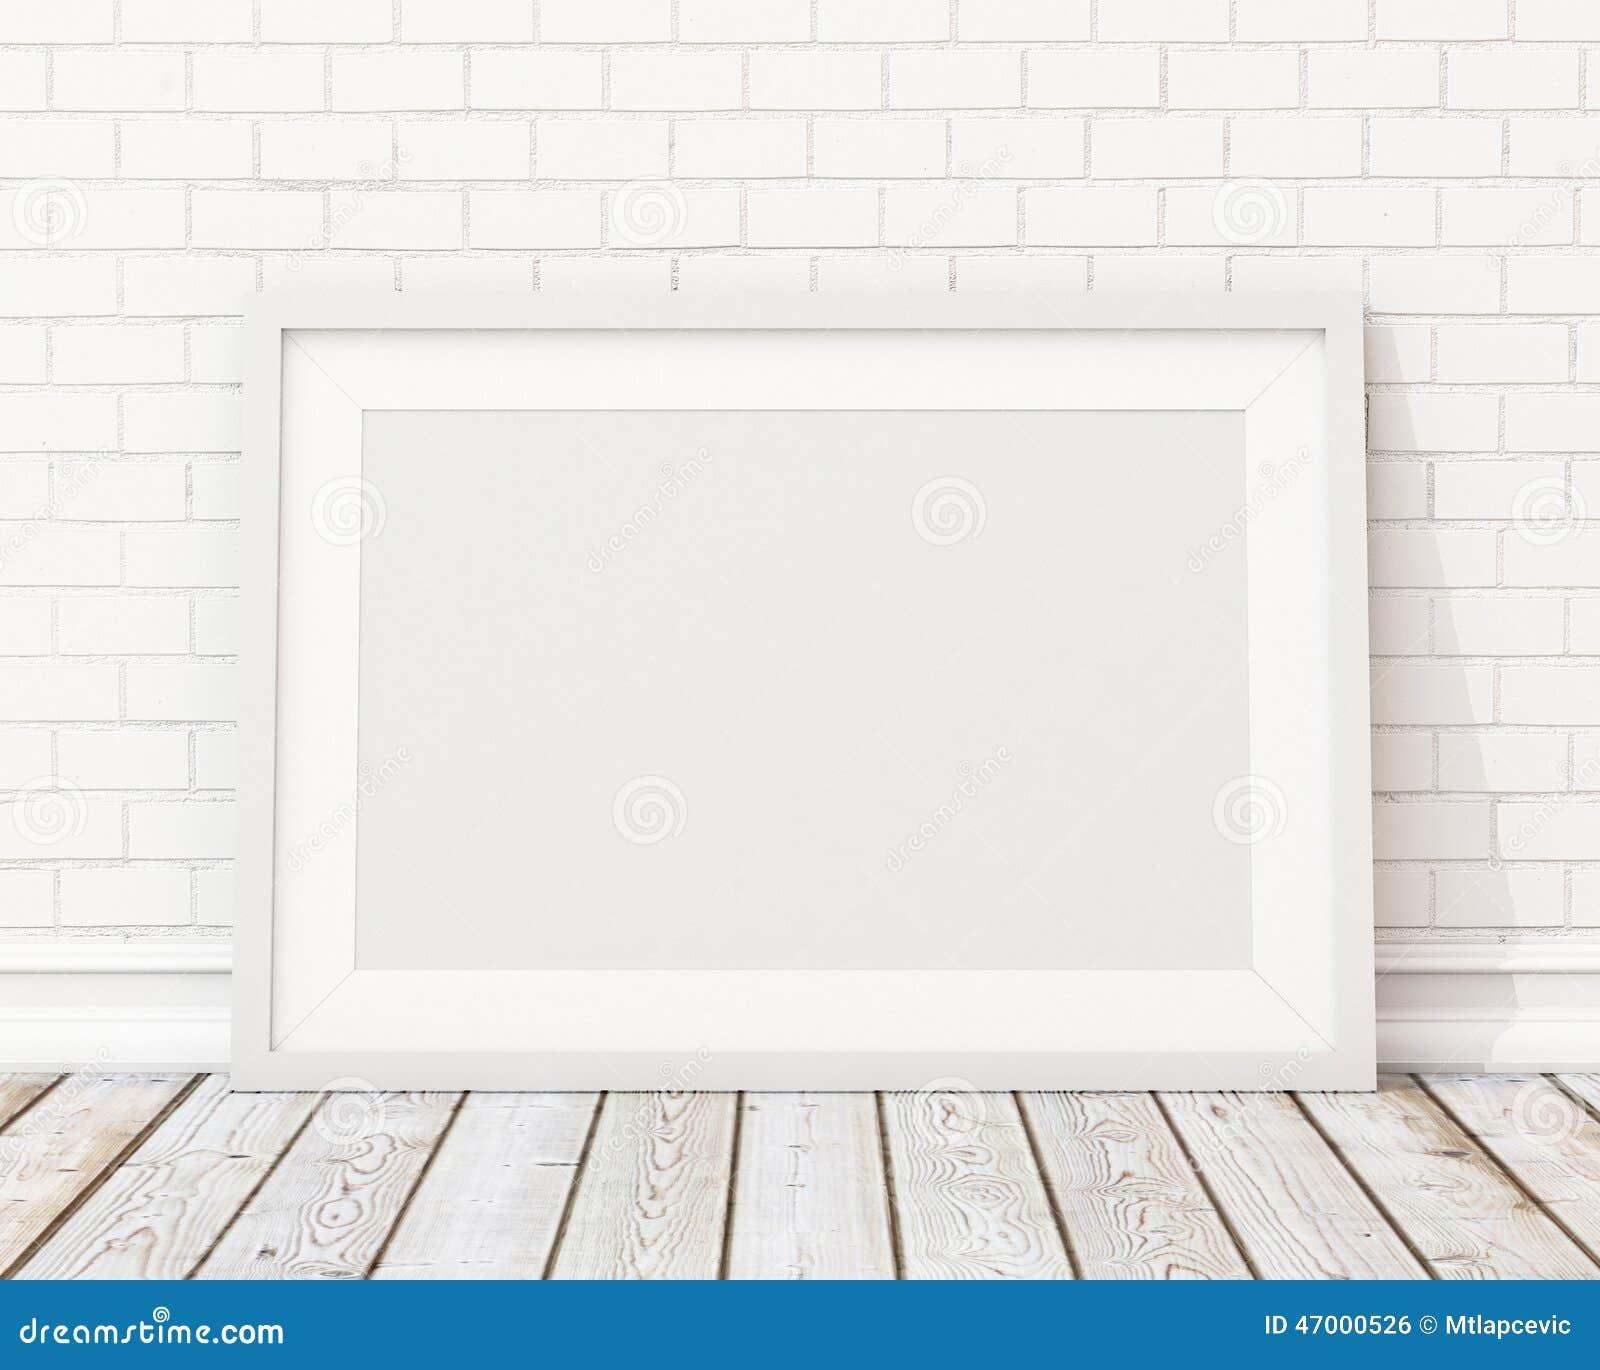 Imite encima de marco horizontal blanco en blanco en la pared de ladrillo blanca y el piso del vintage